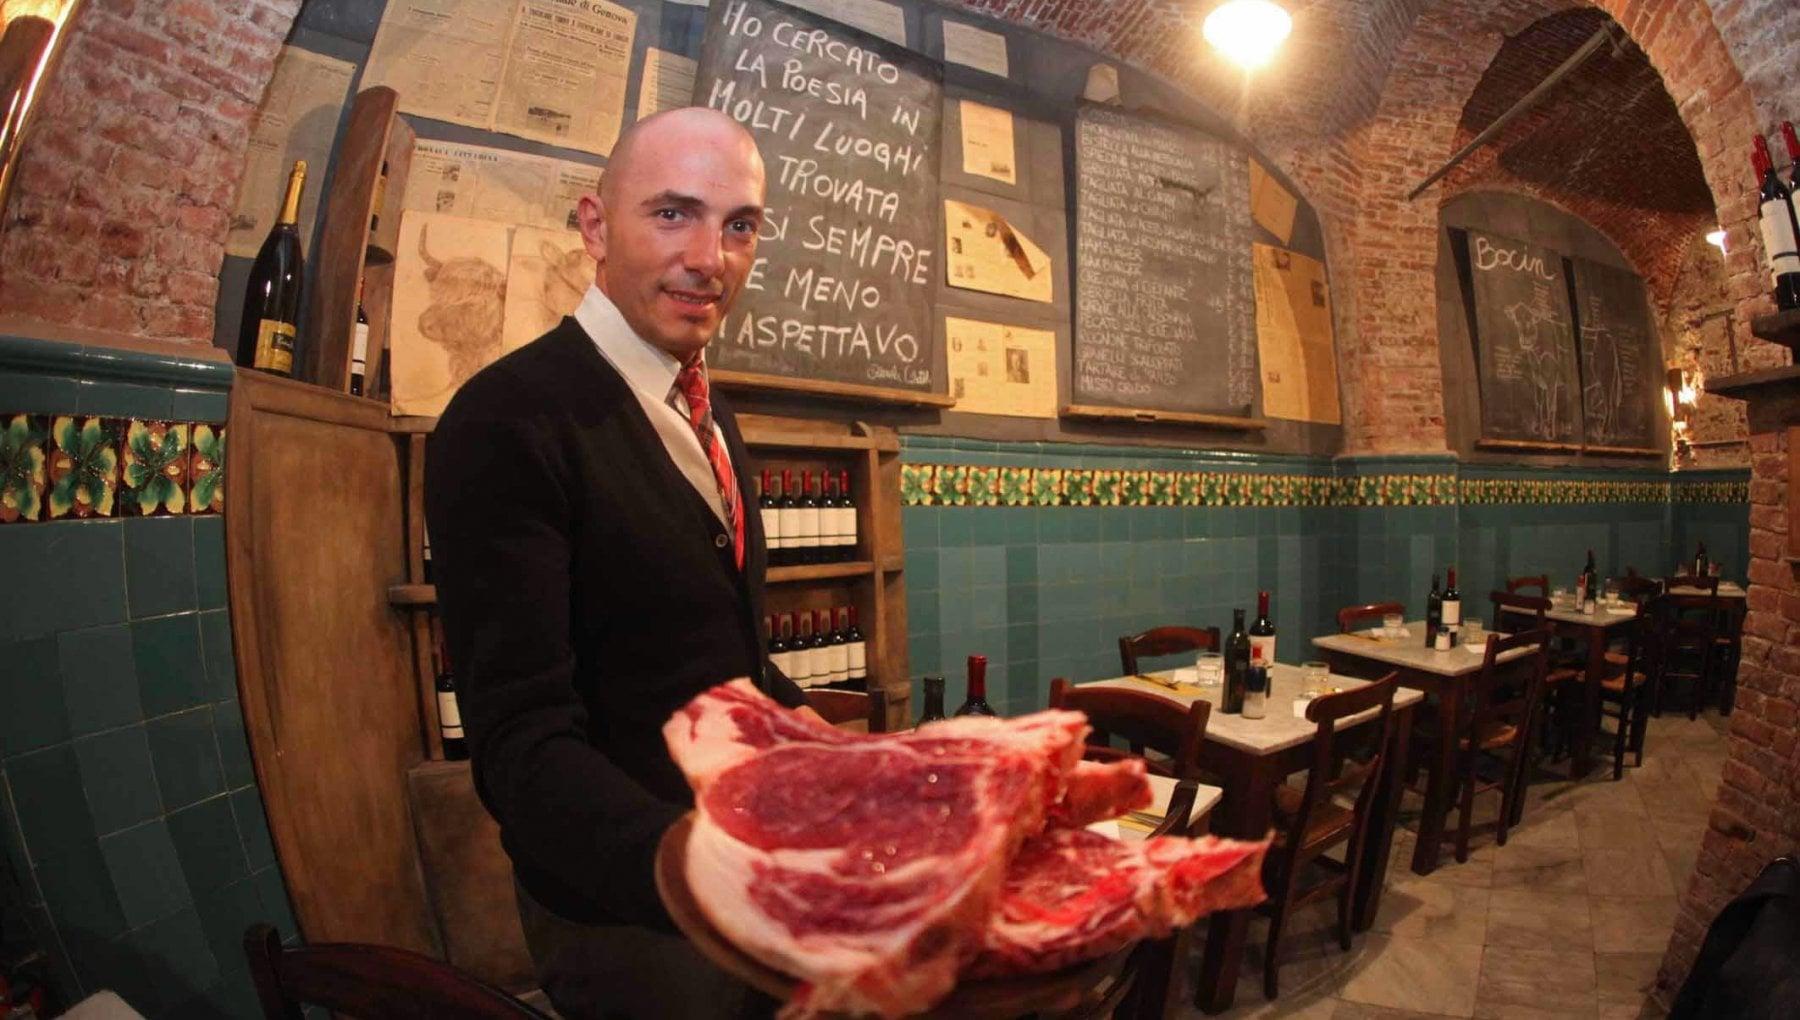 Roberto Costa ristoratore italiano a Londra Anche qui la situazione e dura ma in Italia ce troppa confusione